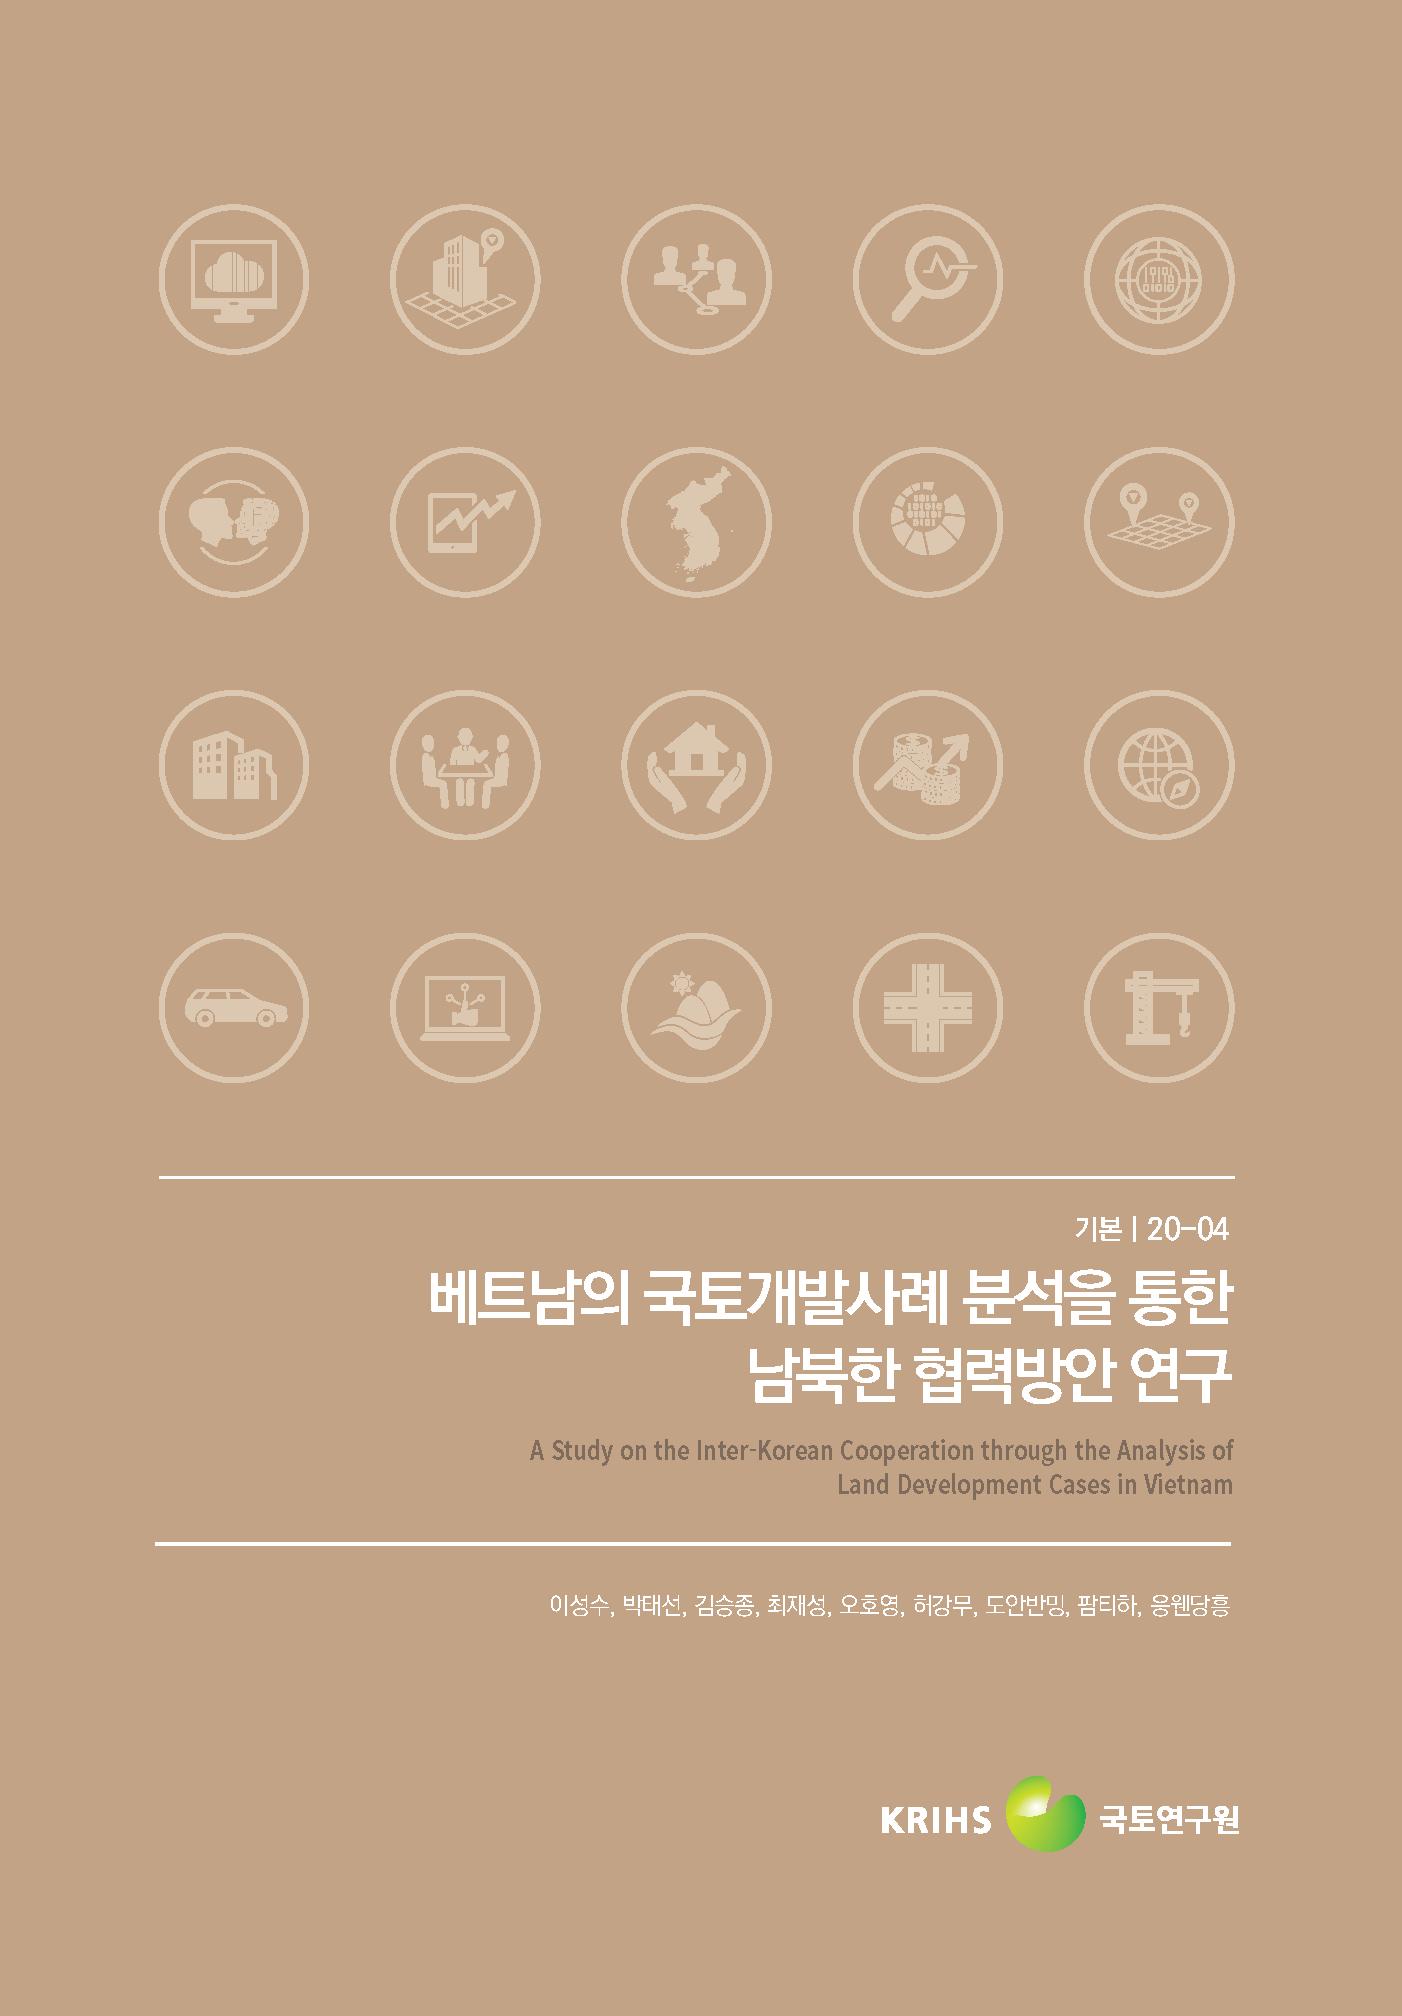 베트남의 국토개발사례 분석을 통한 남북한 협력방안 연구